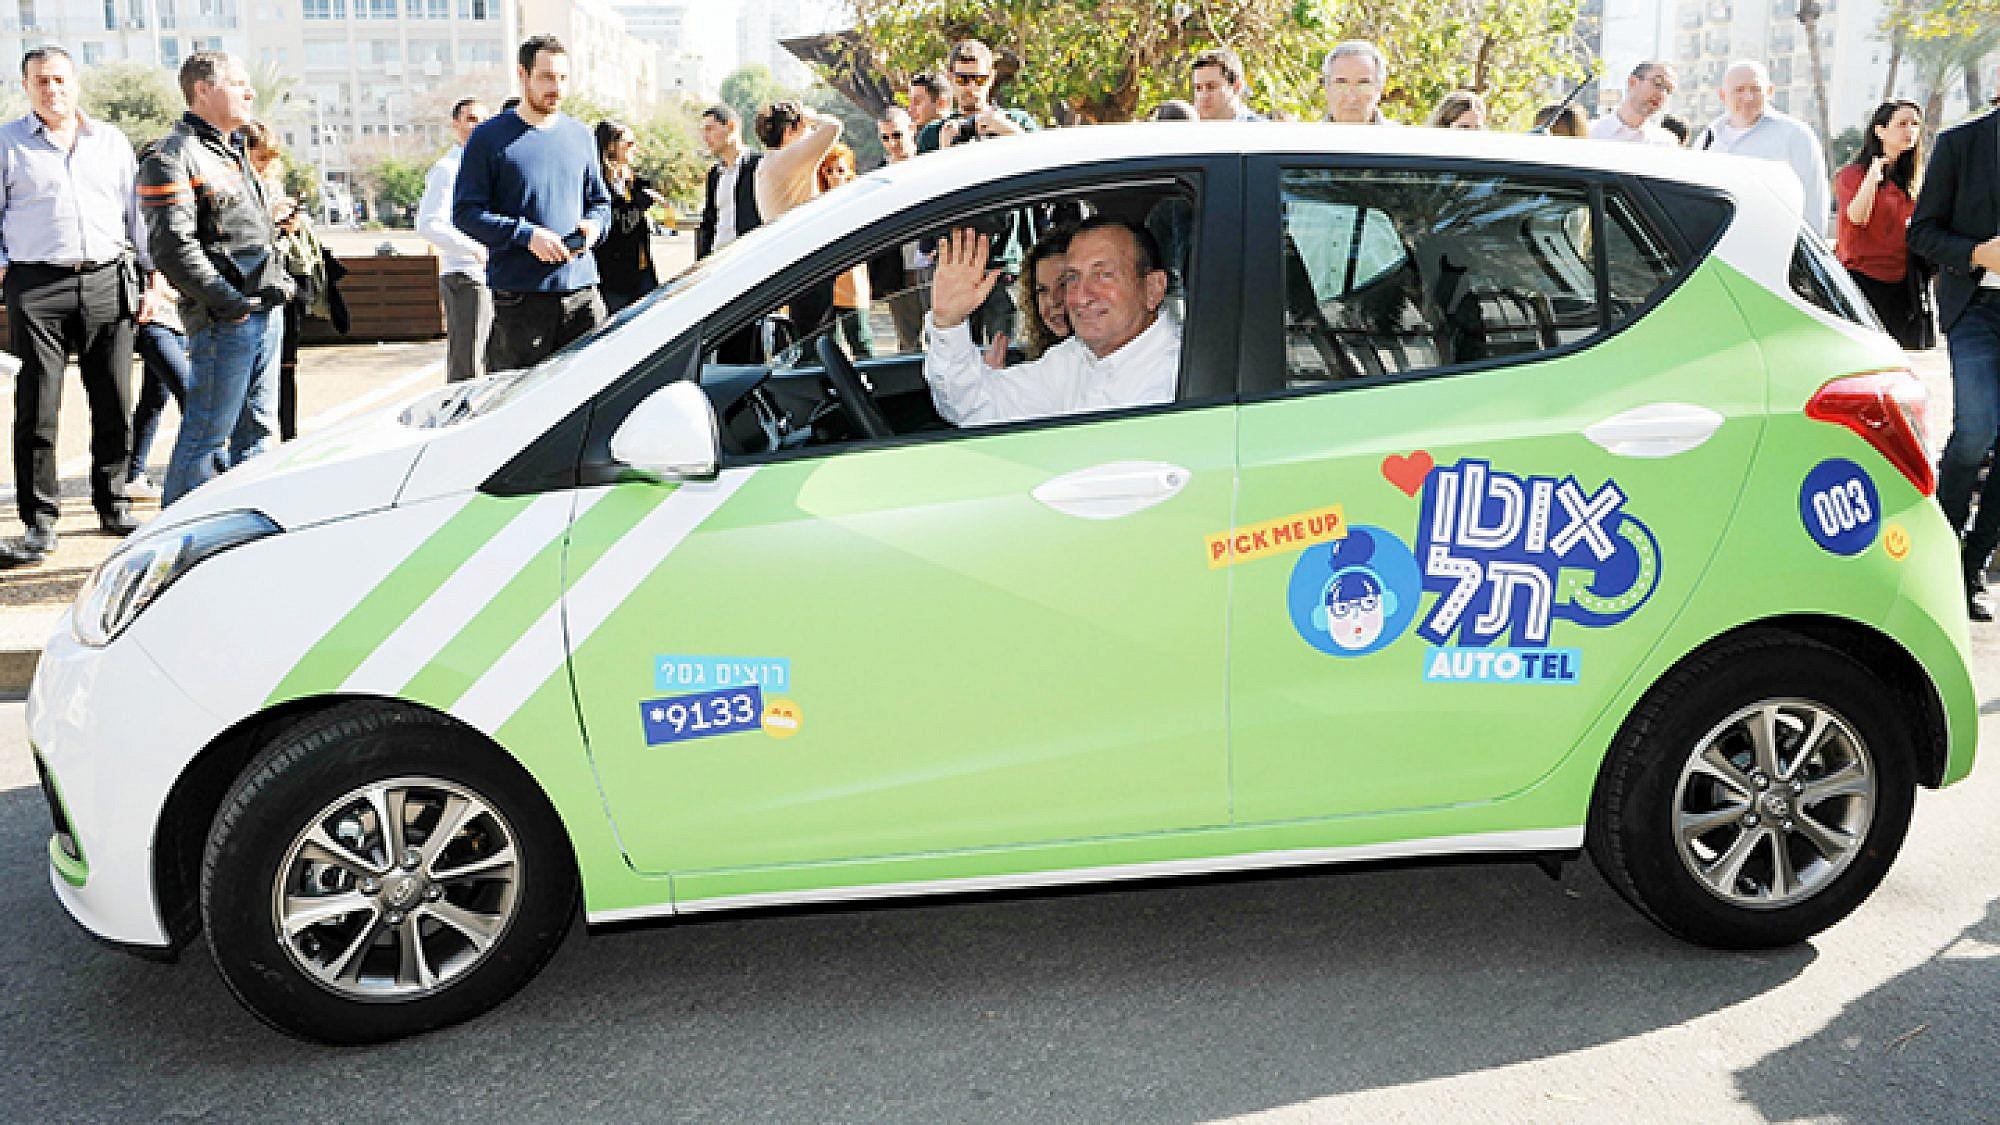 יוצא?? ראש העיר רון חולדאי במכונית אוטותל (צילום: כפיר סיון)